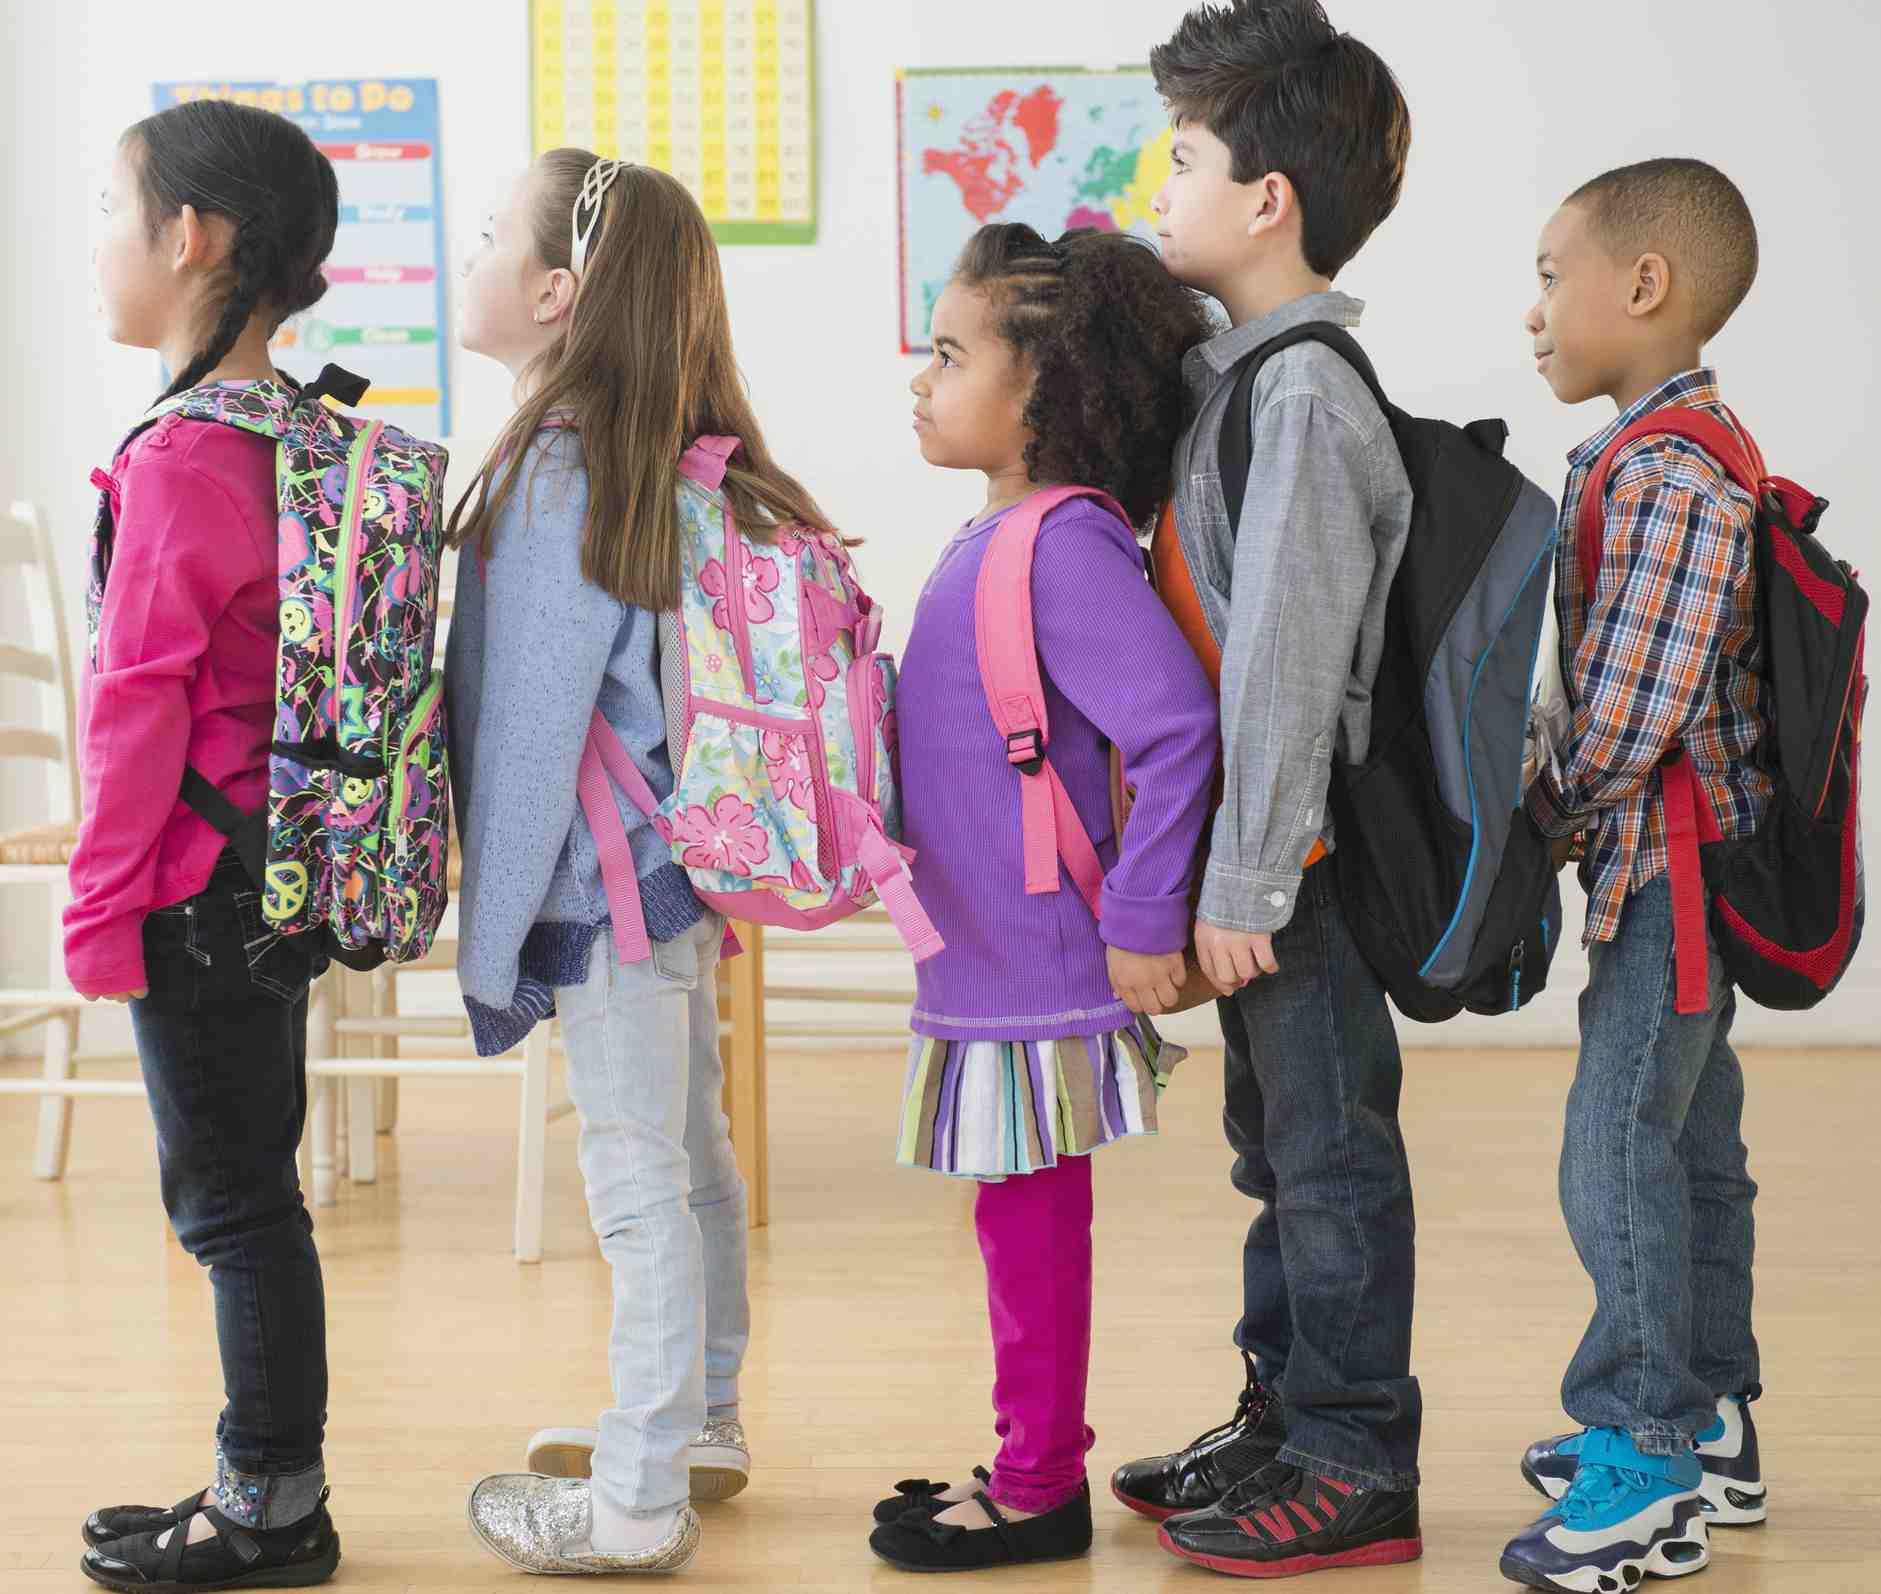 Kids standing in line